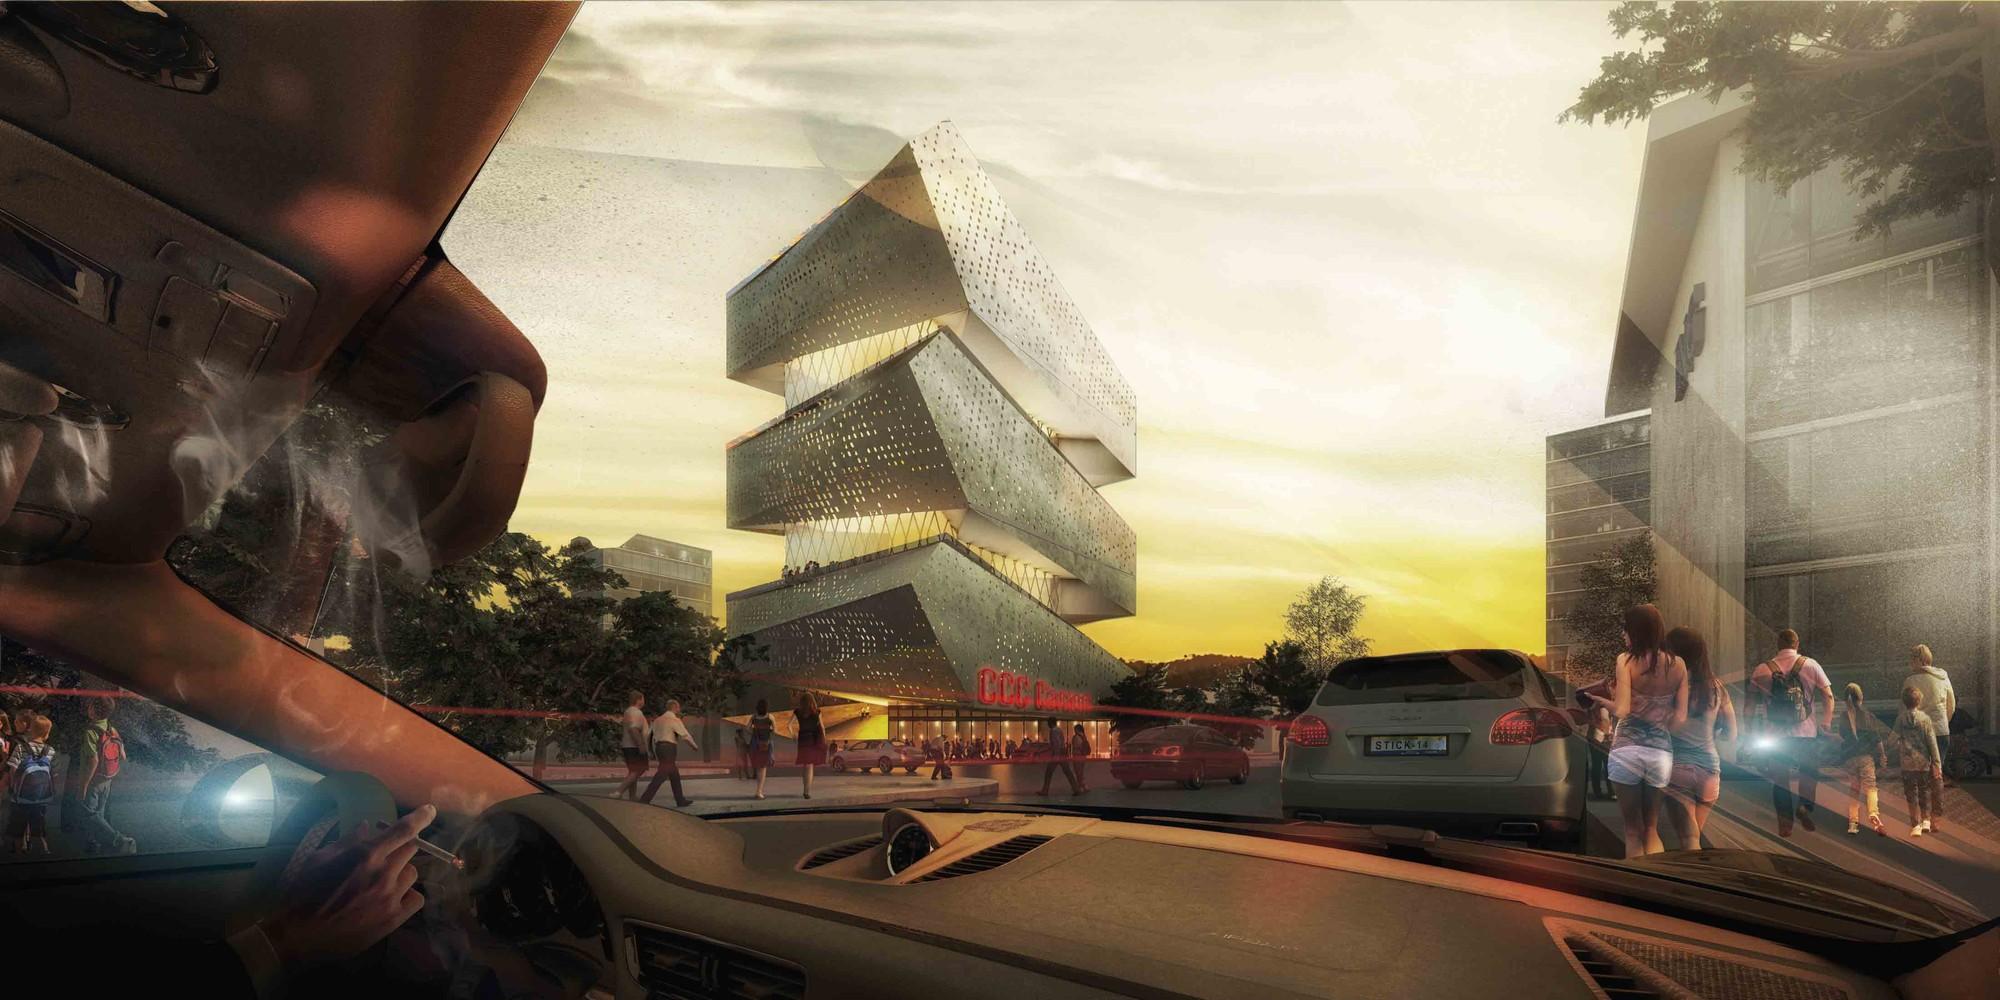 Mención Concurso Centro Cultural en Guadalajara / PM²G Architects, Cortesía de PM²G Architects